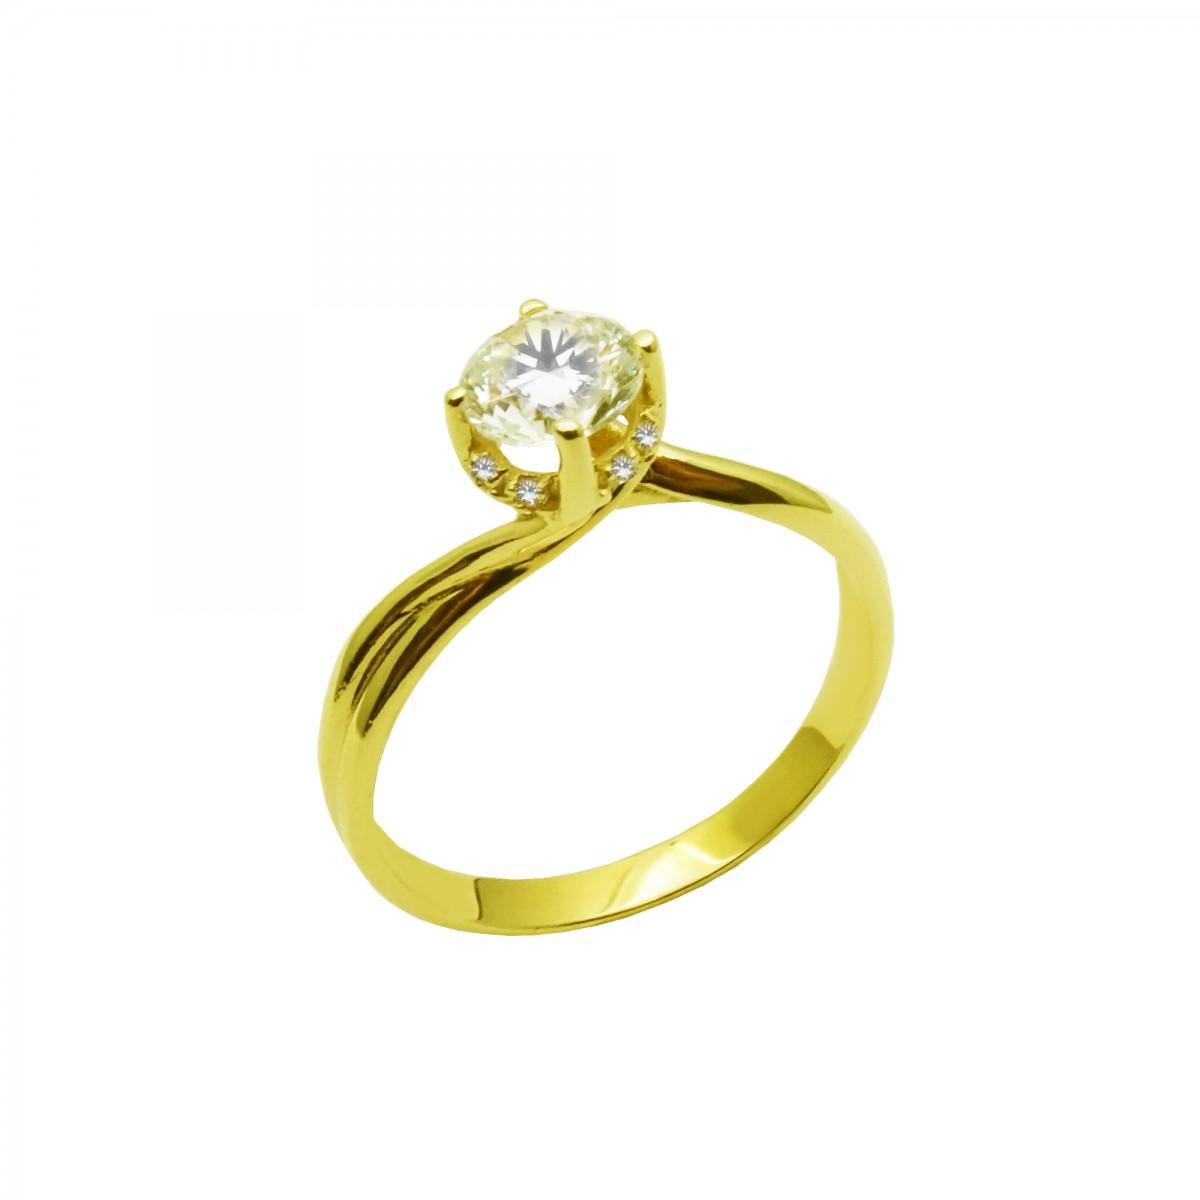 Μονόπετρο δαχτυλίδι χρυσό 14 καράτια με ζιργκόν - 161€ 6bfd3225782